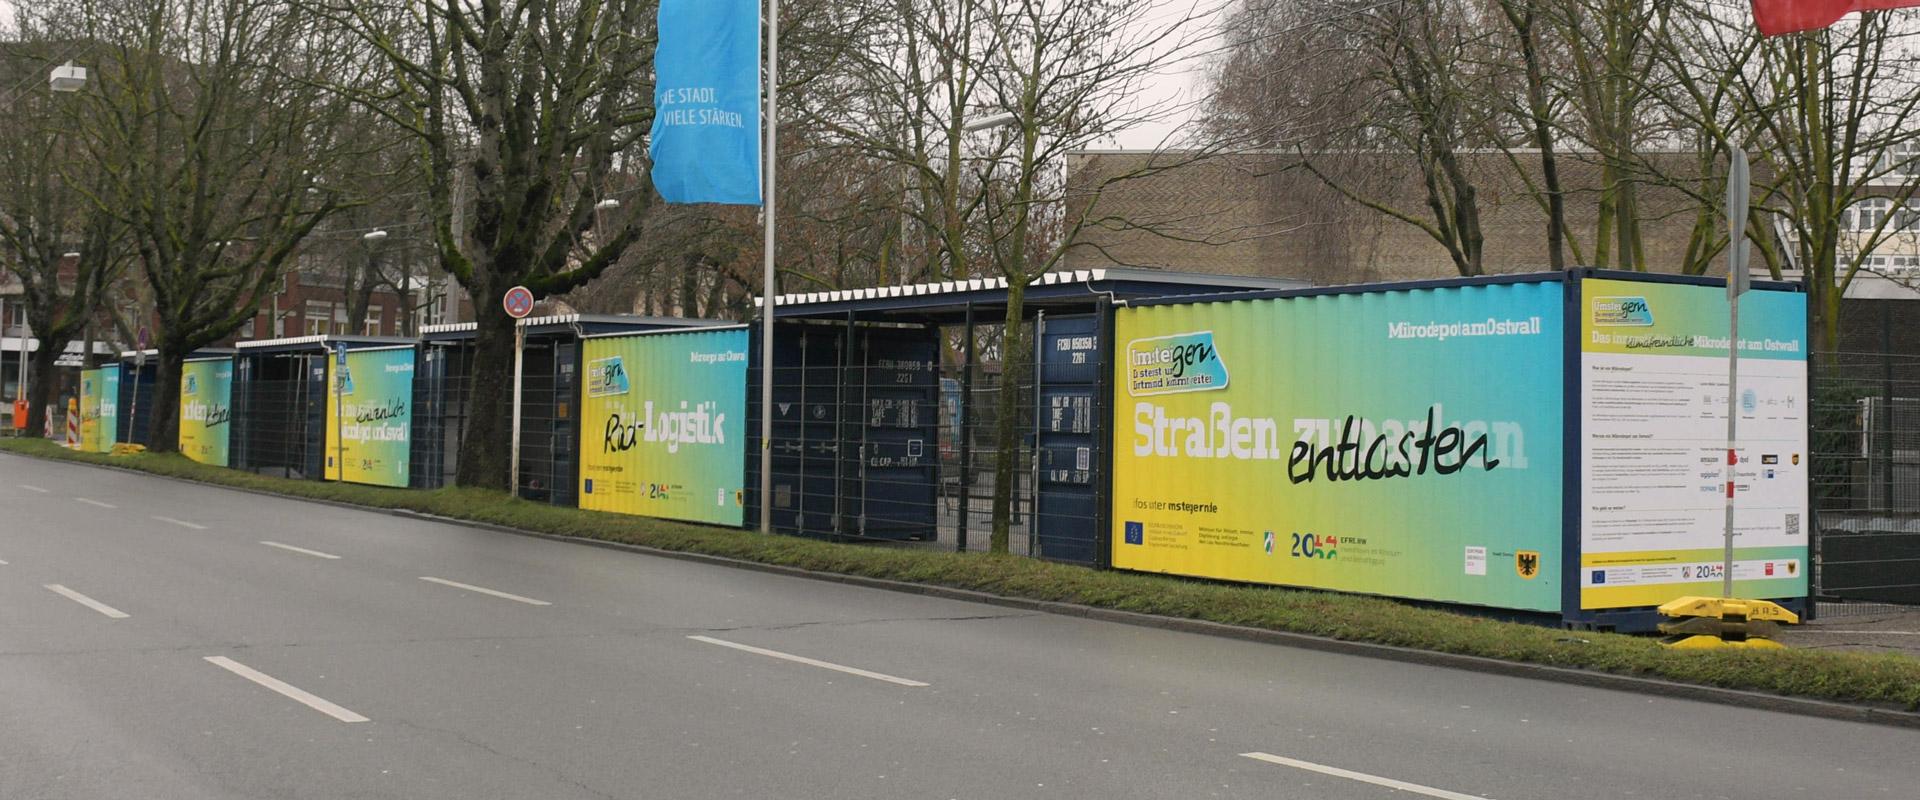 Mikrodepot am Ostwall in Dortmund mit UmsteiGERN-Folierung